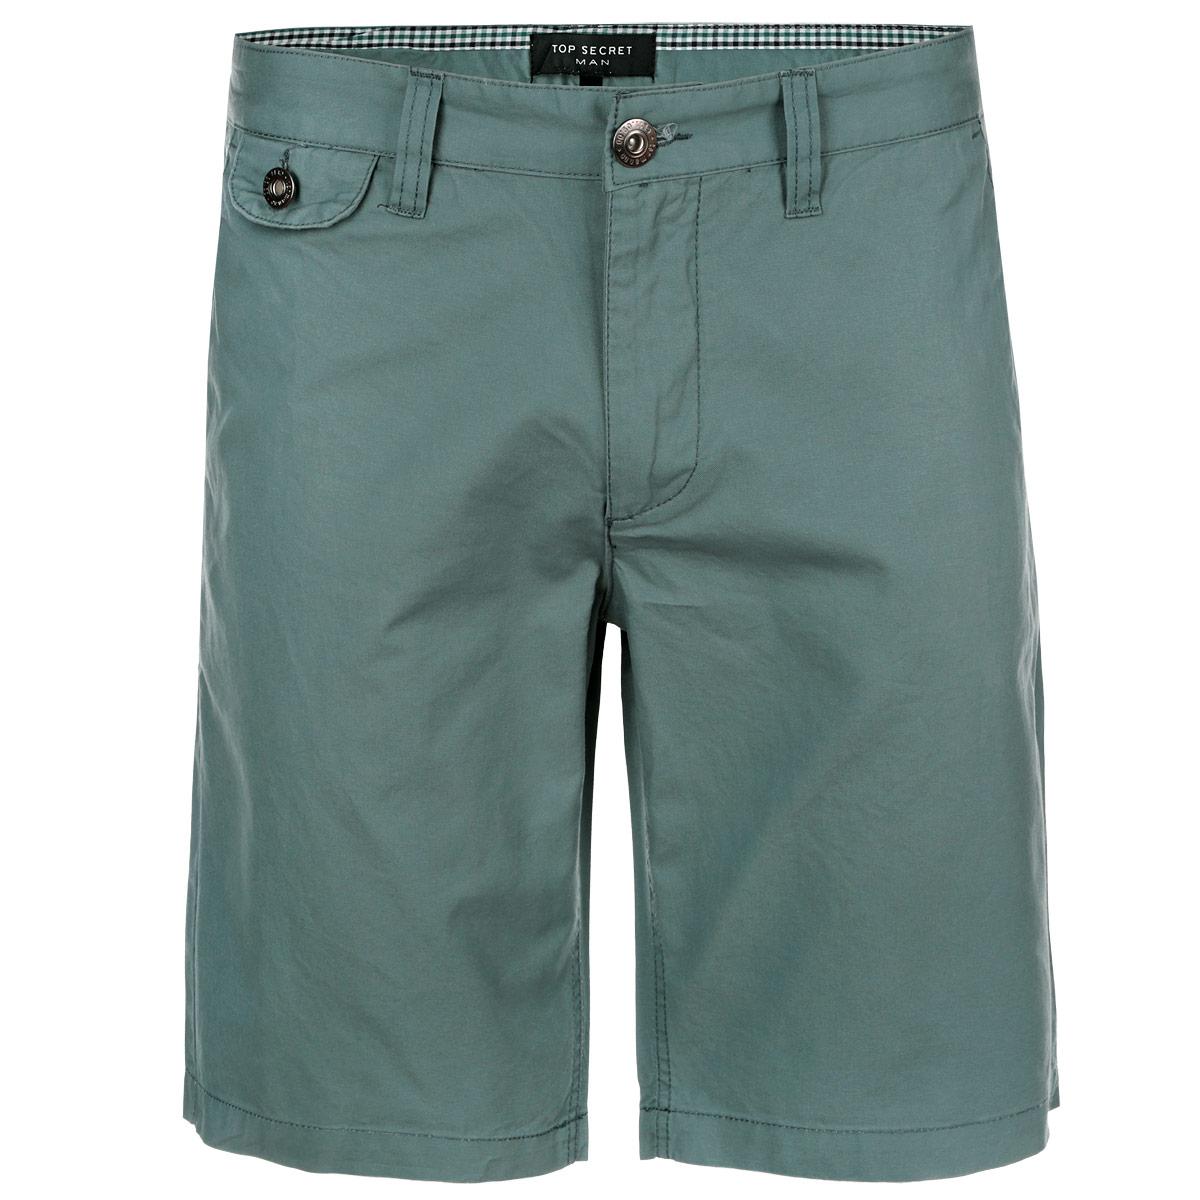 Шорты мужские Top Secret, цвет: бирюзово-зеленый. SSZ0692ZI32. Размер 32 (48)